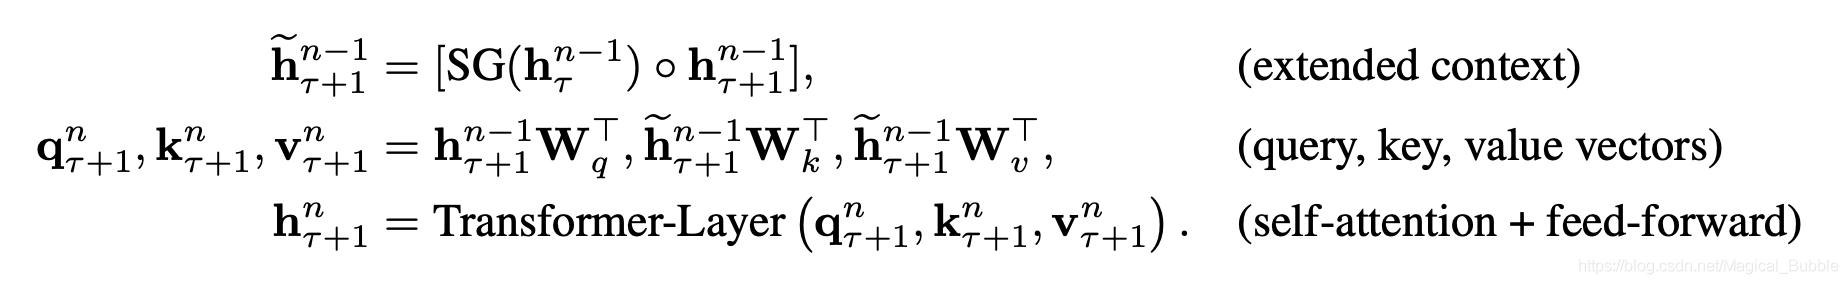 引入循环机制后的计算方式